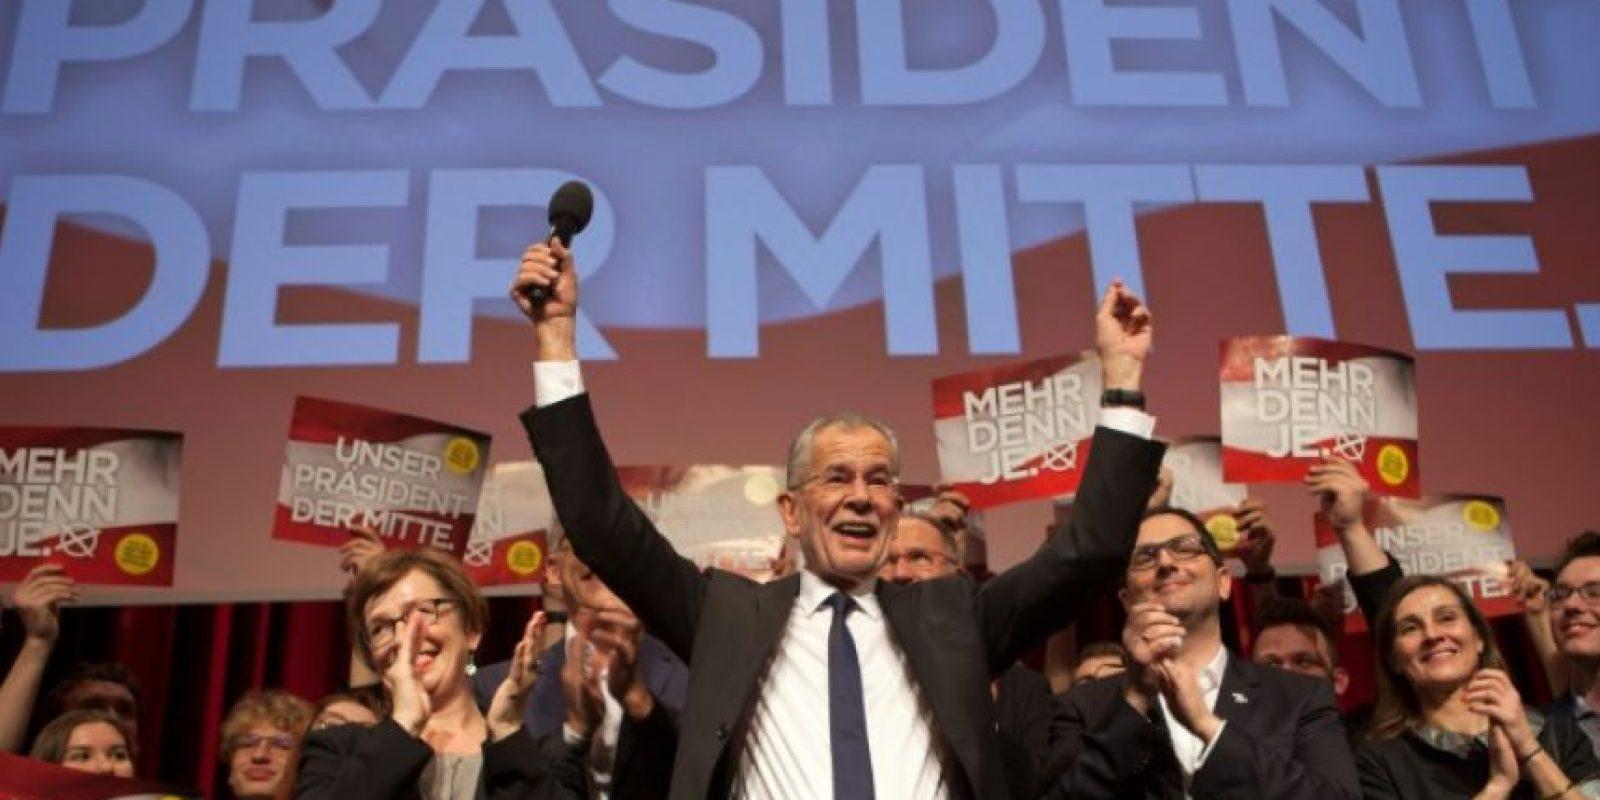 El candidato presidencial ecologista austríaco Alexander Van der Bellen celebra con partidarios su victoria en las elecciones, en Viena, el 4 de diciembre de 2016. Foto:Alex Halada/afp.com